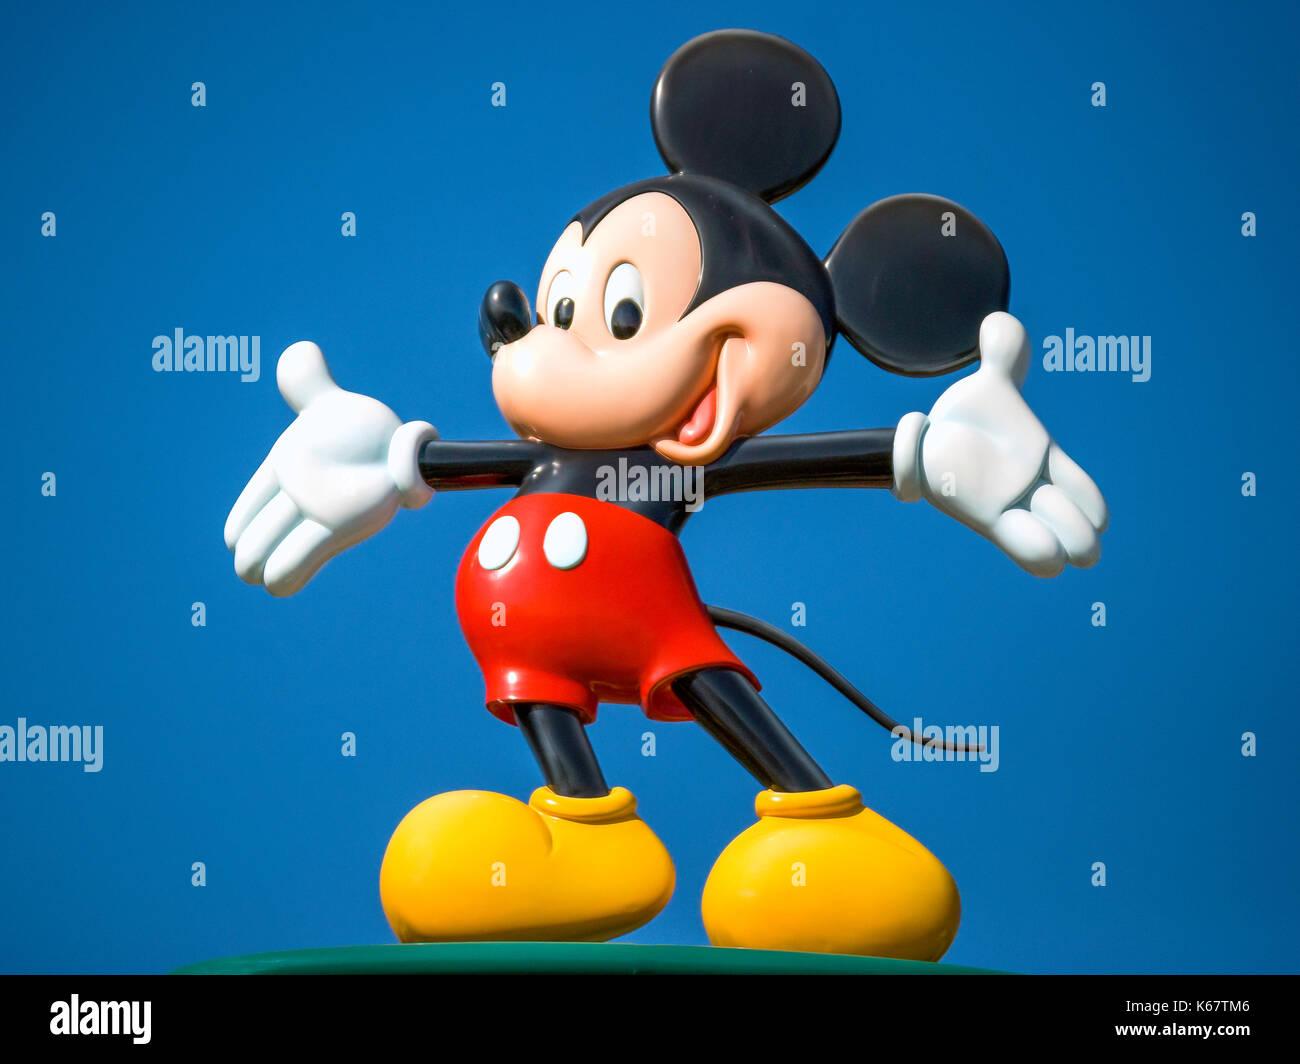 Disney's Mickey Mouse character at Hong Kong Disneyland Resort entrance, Lantau Island, Hong Kong, People's Republic of China - Stock Image